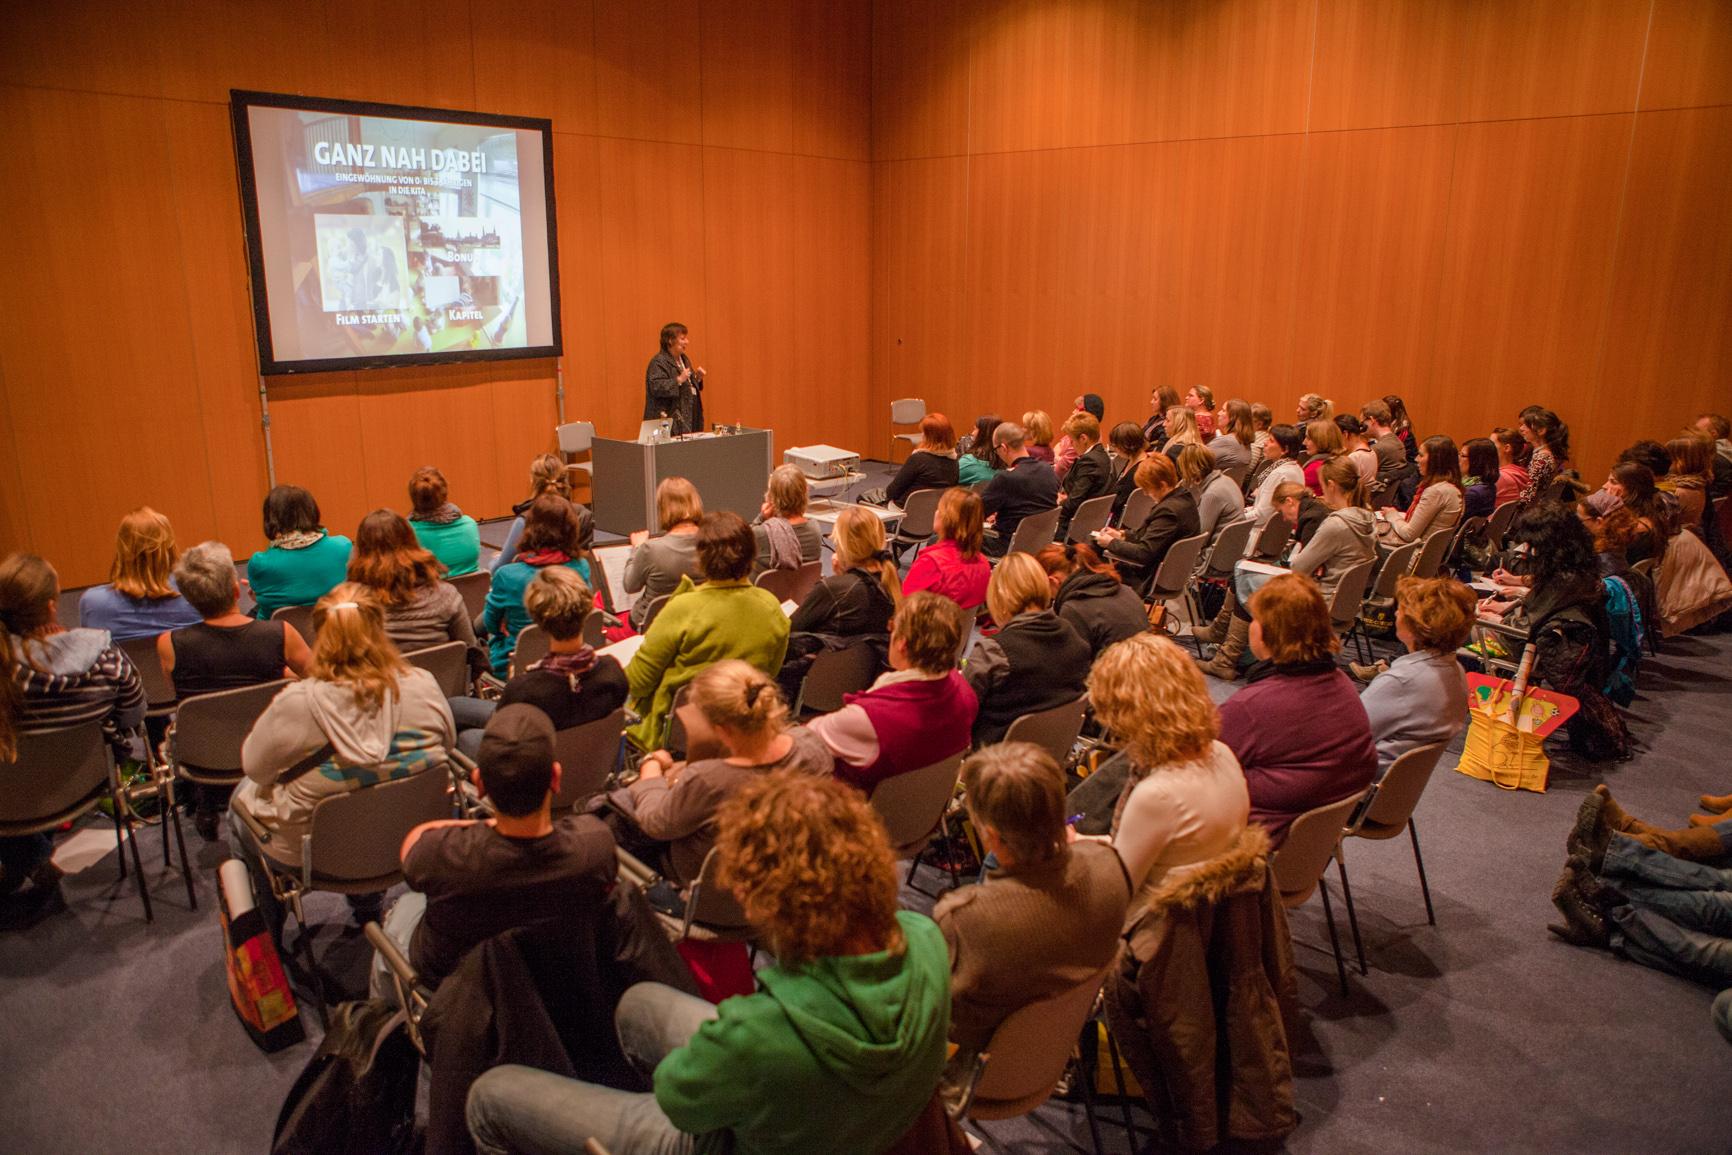 Christel van dieken didacta 2013 14 for Raumgestaltung christel van dieken